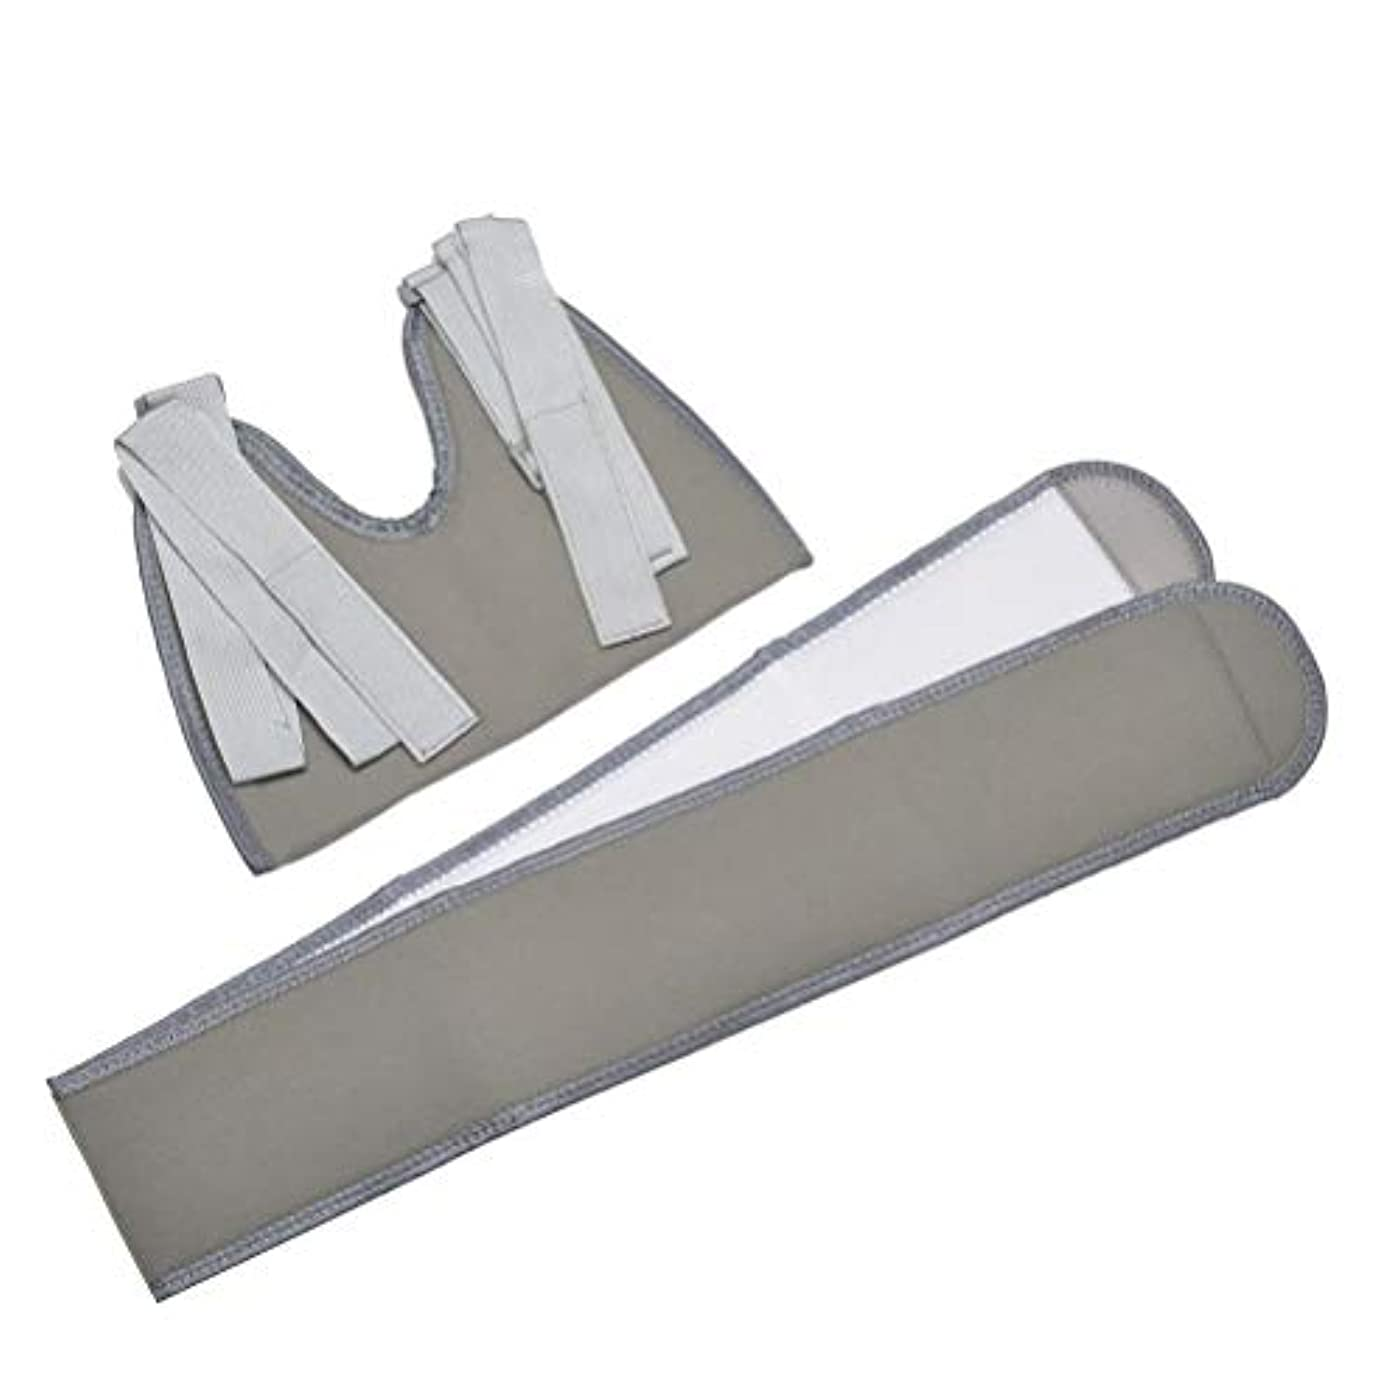 代表して印象建てるHealifty 折れや骨折した腕の肘の手首のための調節可能な腕のスリングの肩のスリング